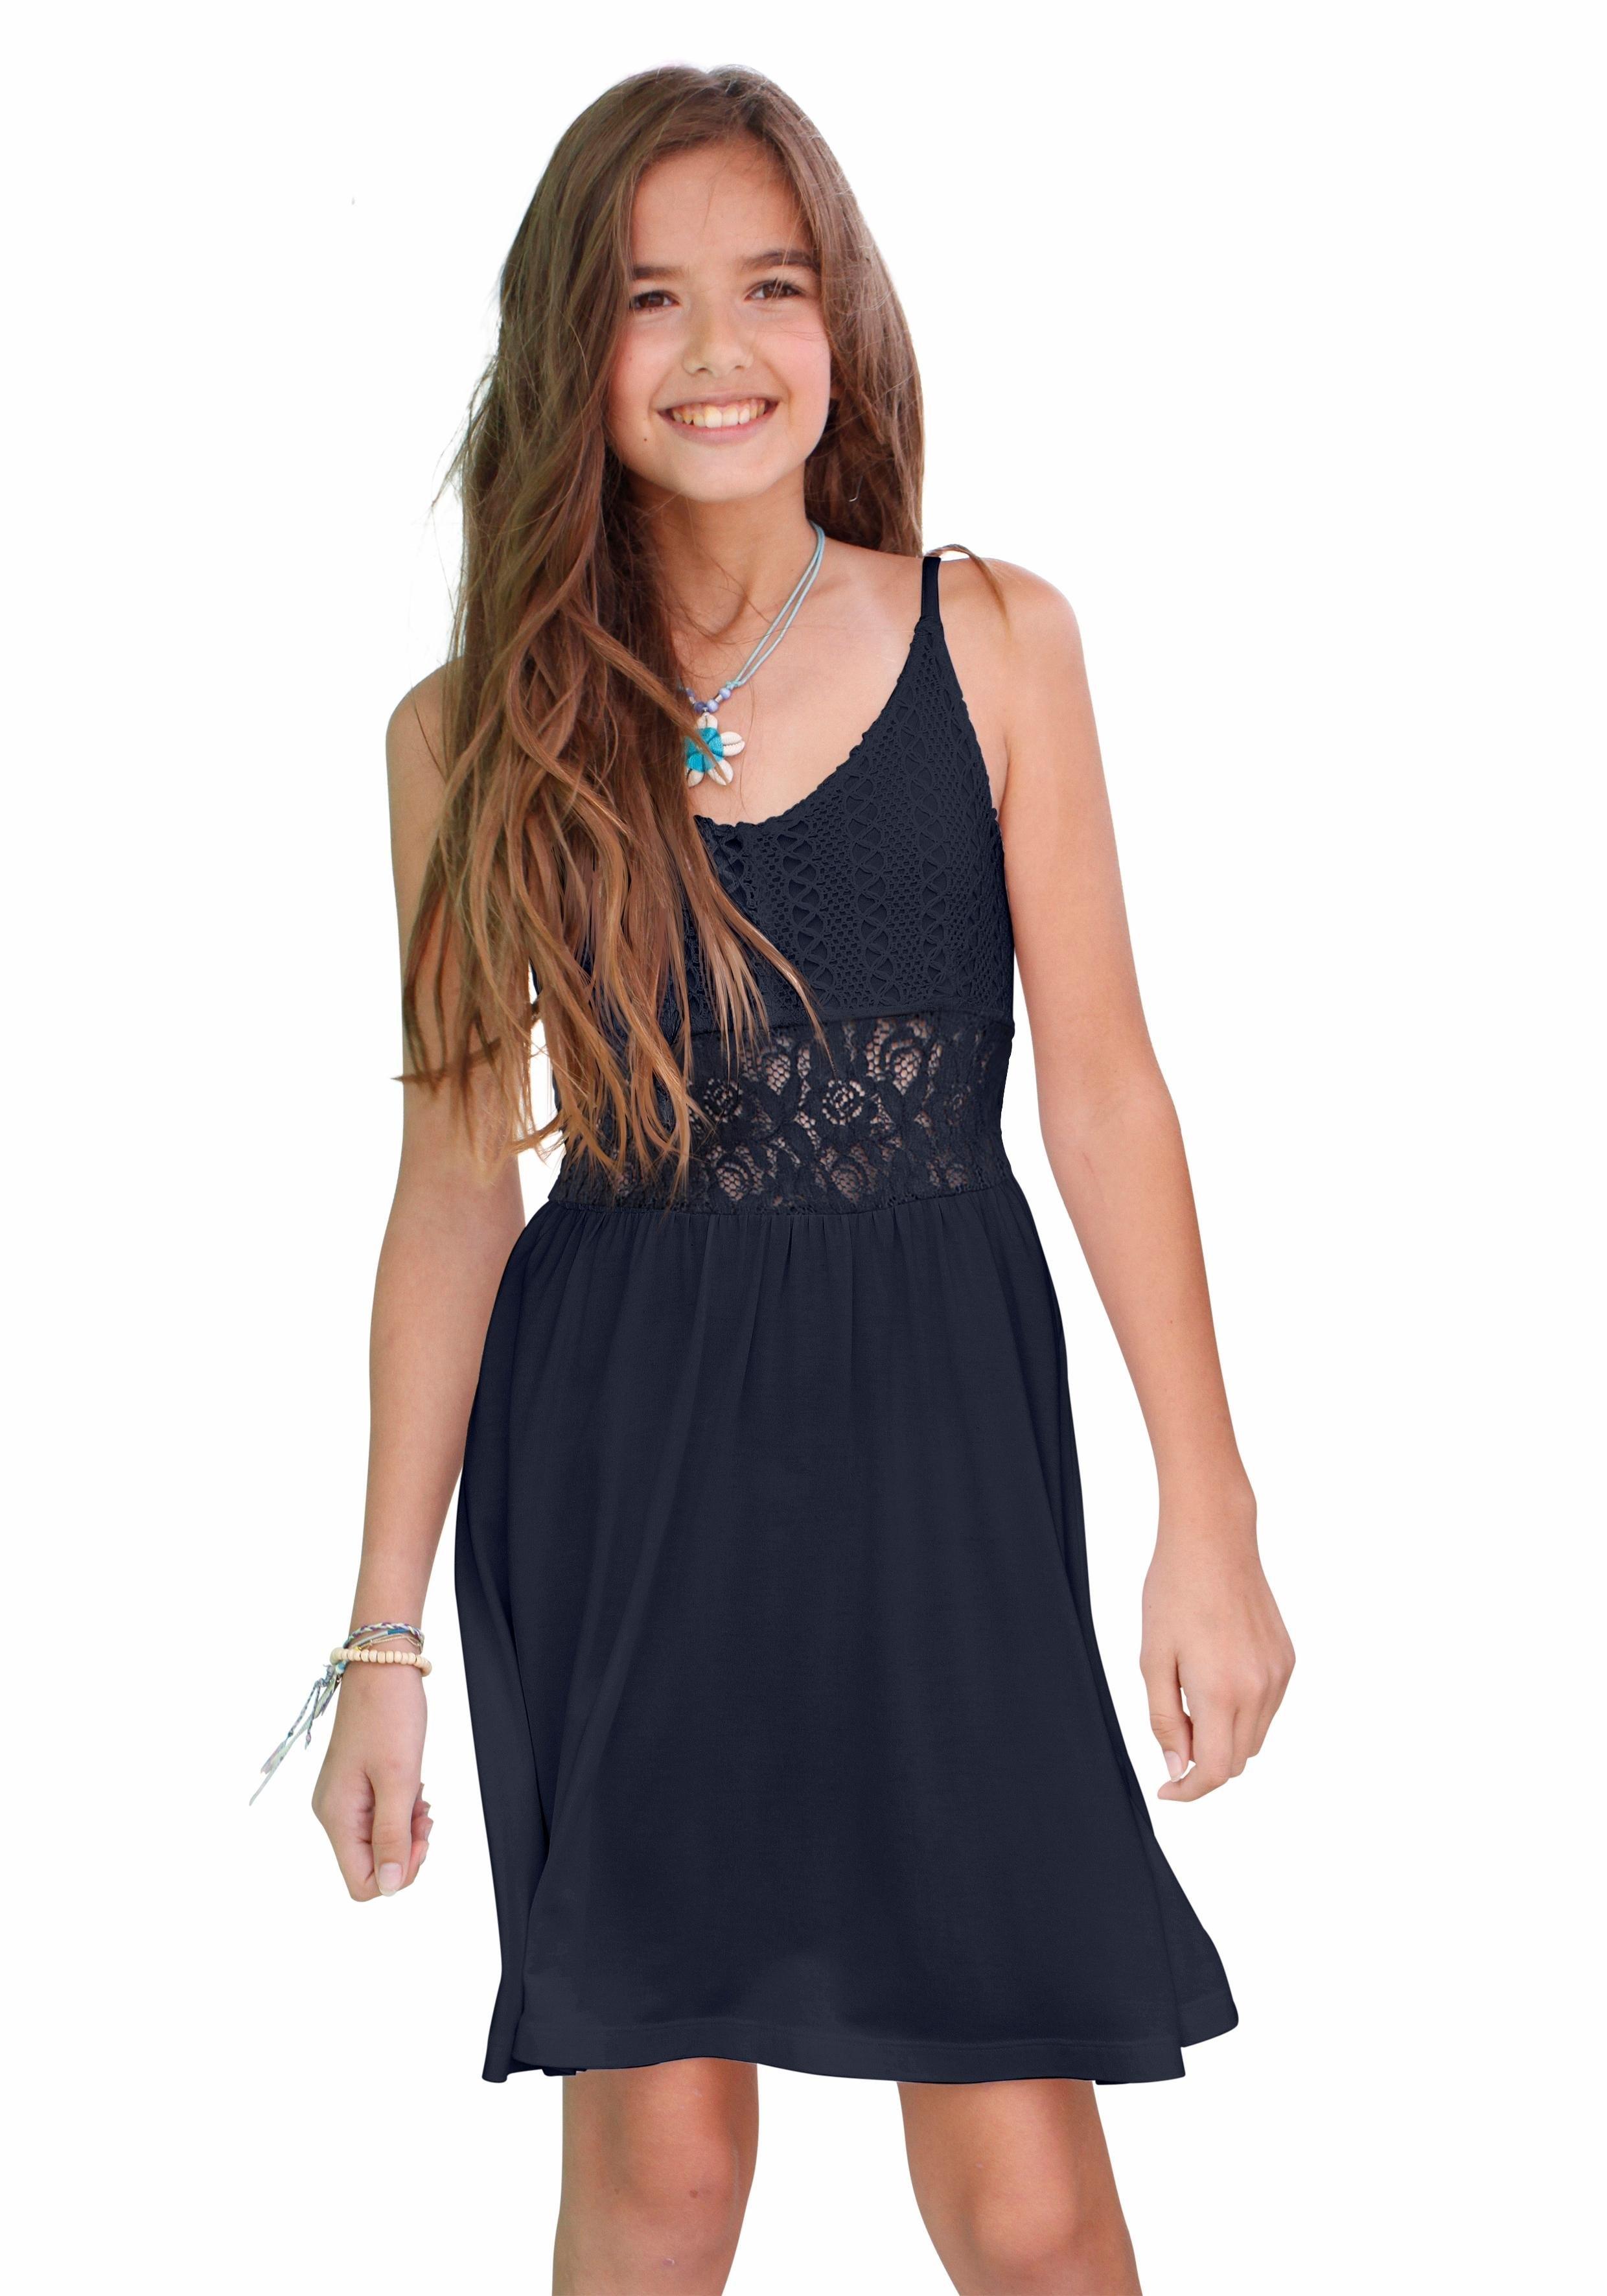 0bda84c3723d61 ARIZONA Meisjes-jurk met kanten inzet nu online kopen